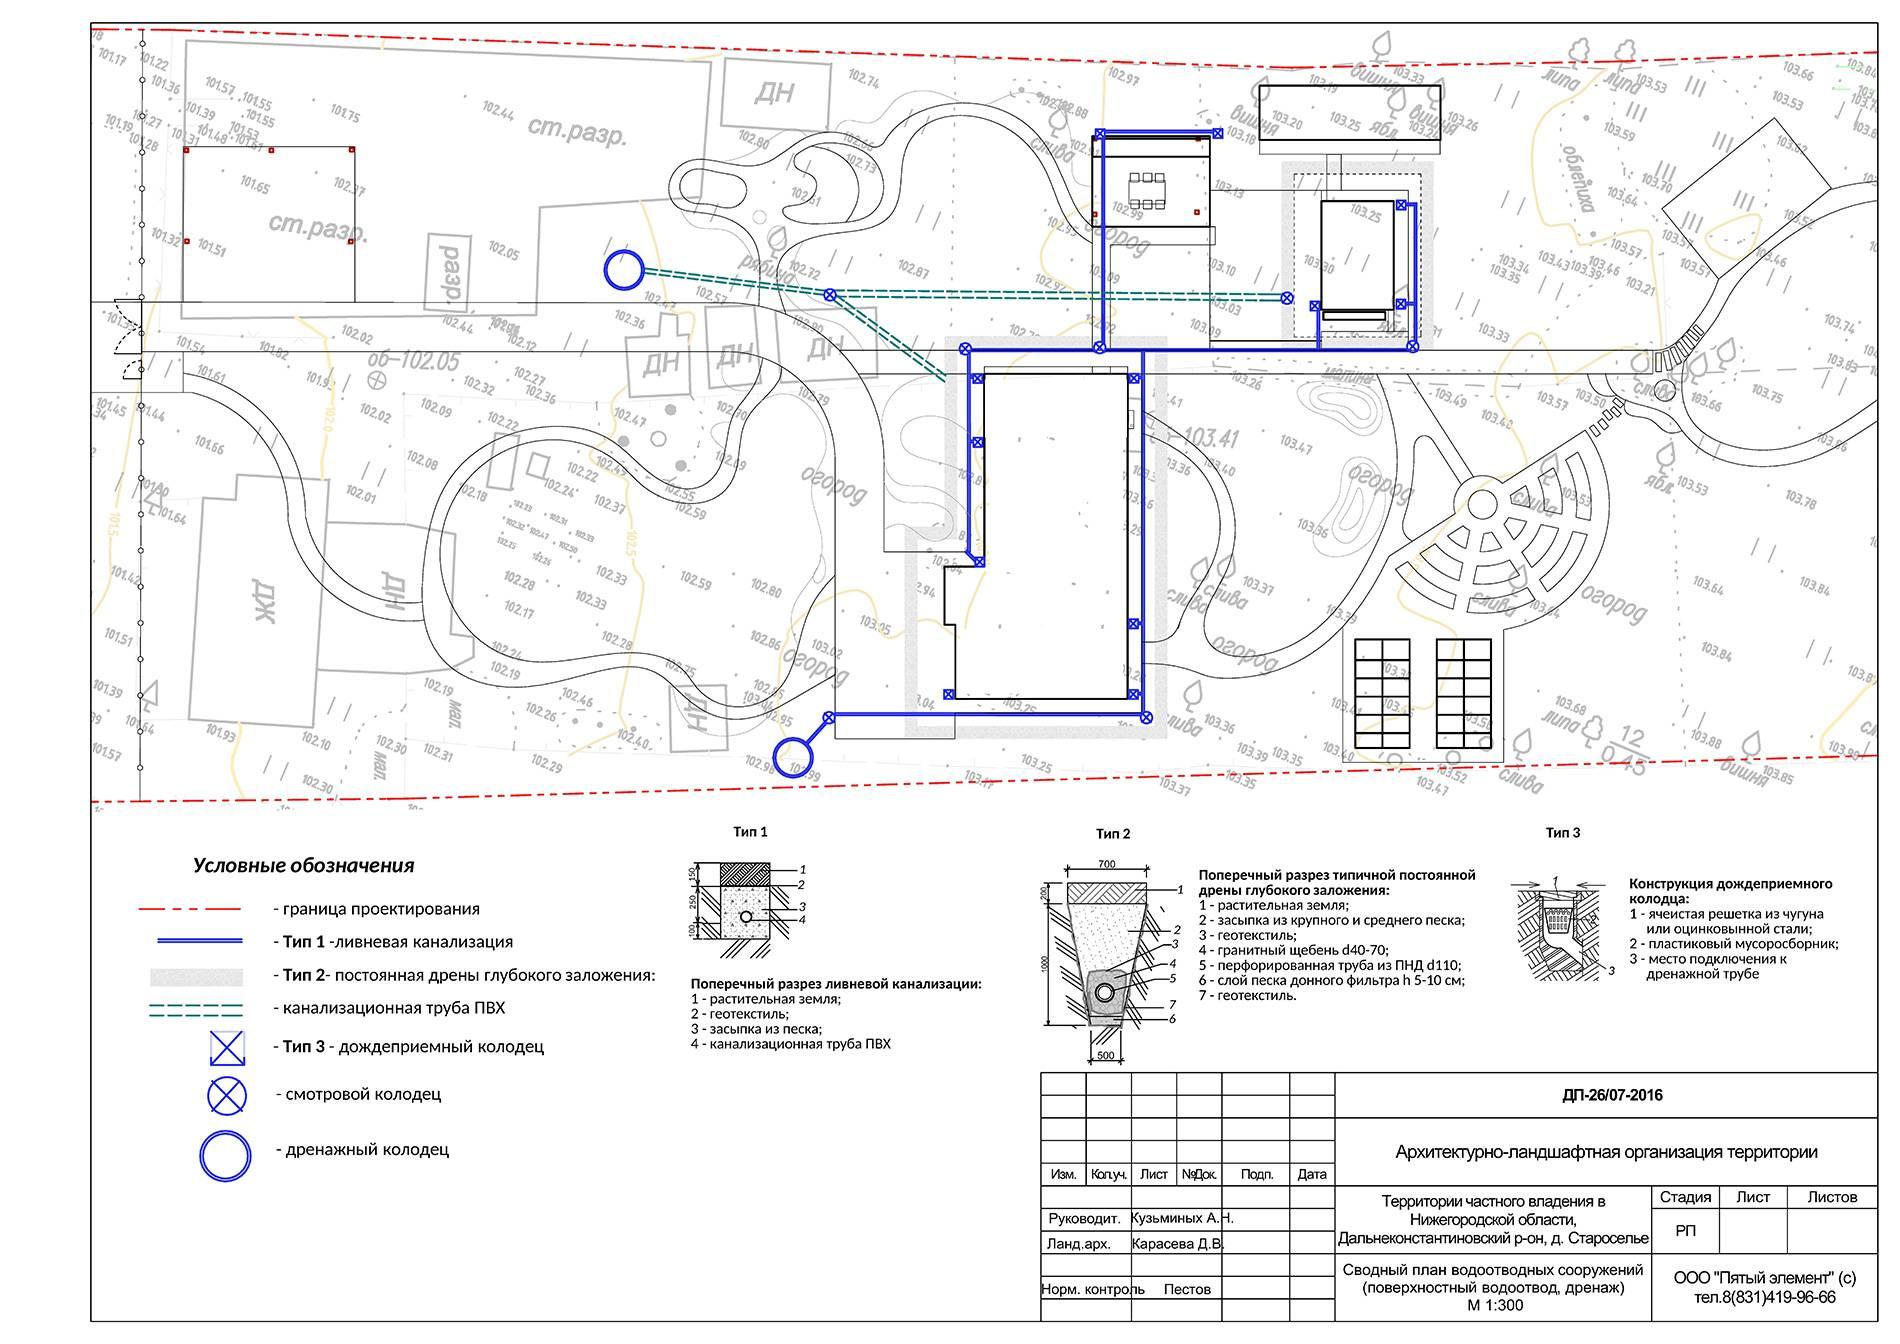 Расчет ливневой канализации и особенности проектирования - точка j